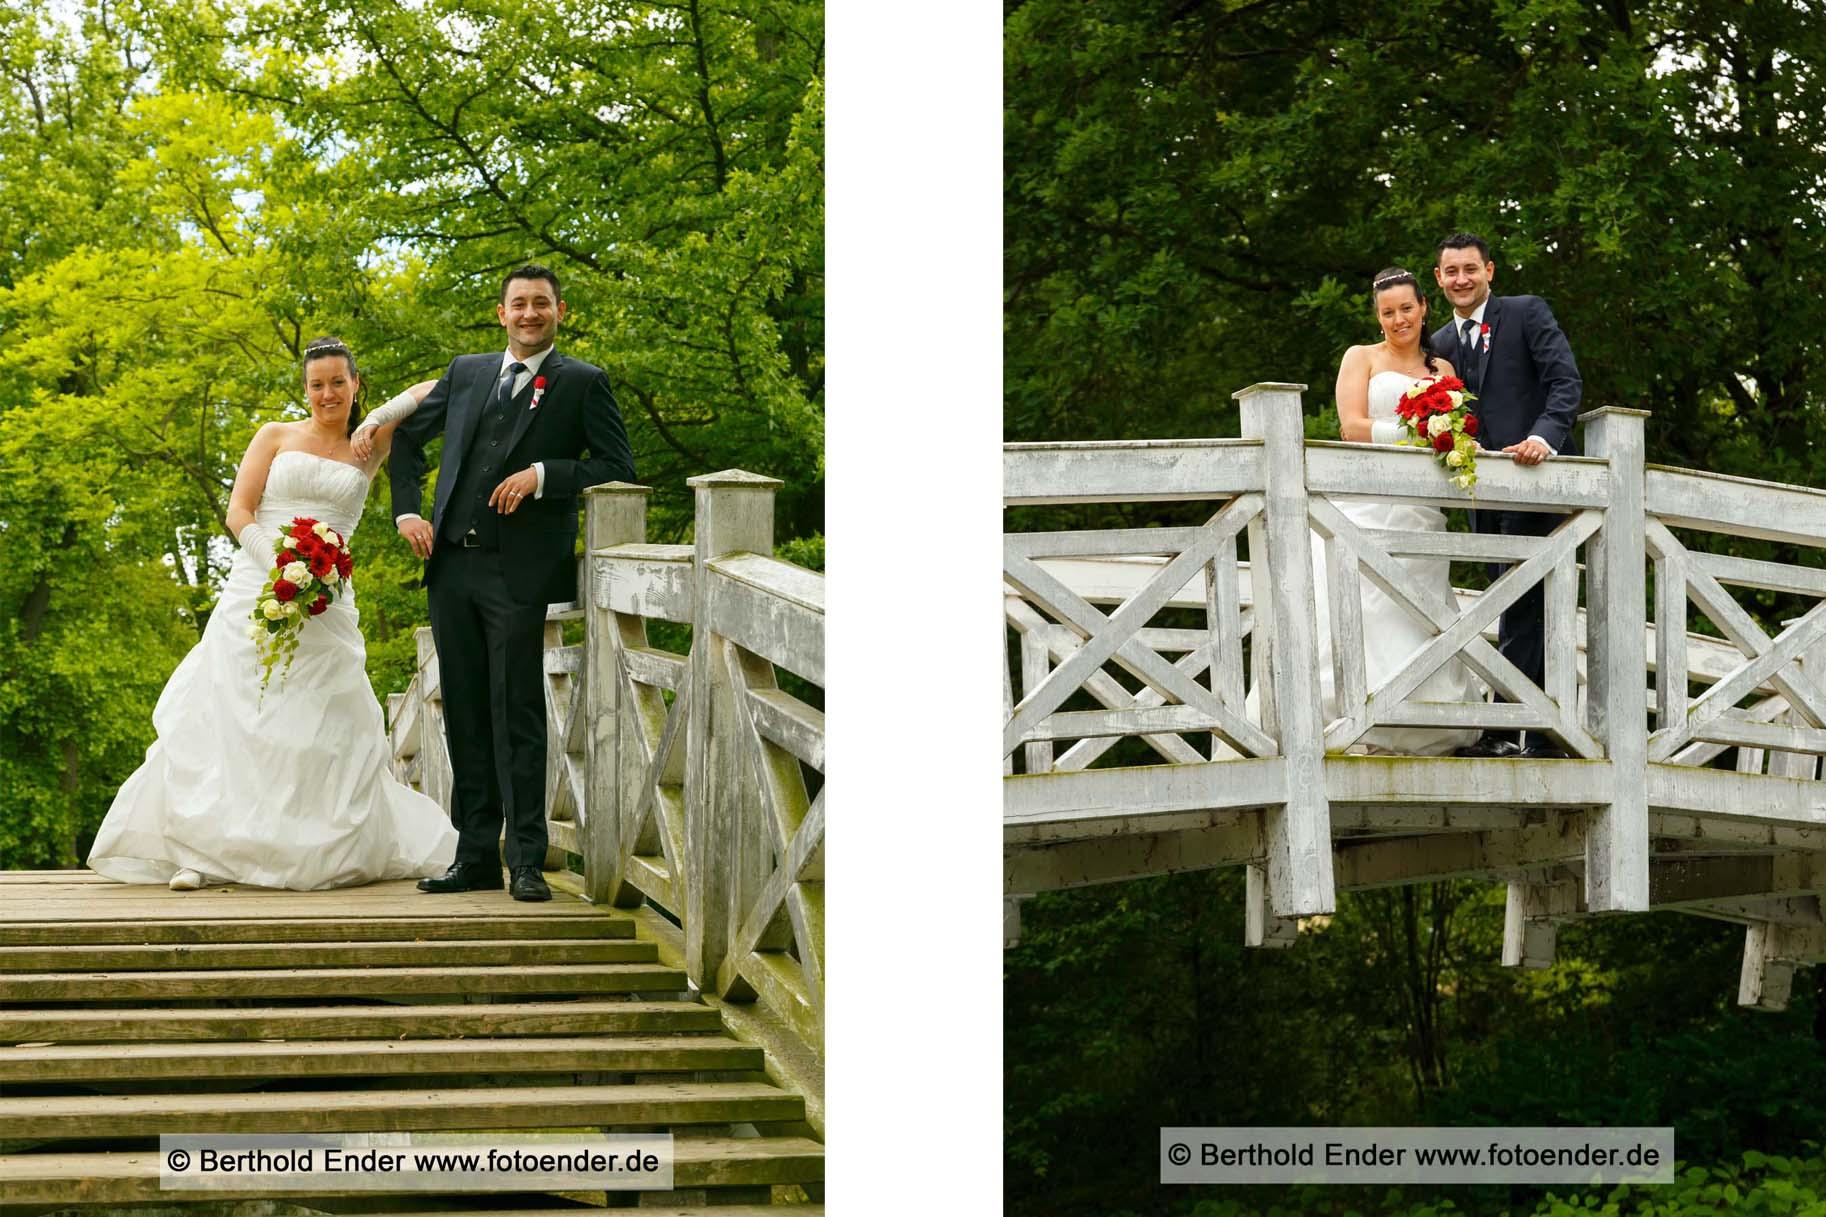 Hochzeitsbilder im Wörlitzer Park an der Weissen Brücke, Fotostudio Ender